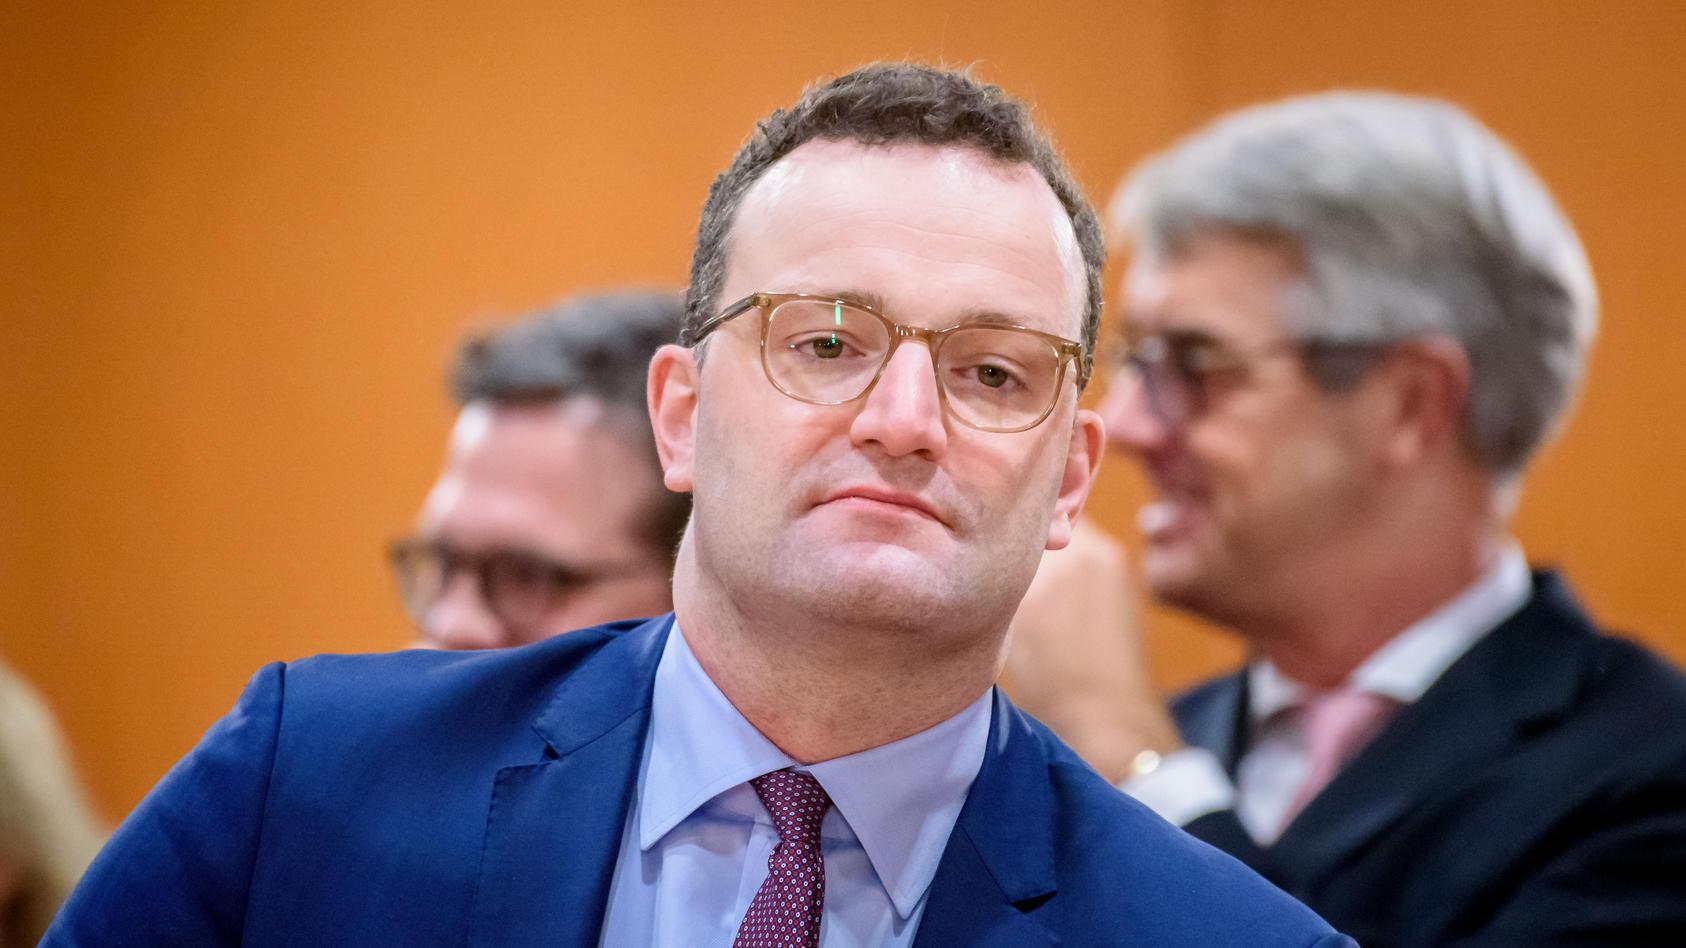 Gesundheitsminister Jens Spahn hat Sterbehilfe-Anträge pauschal ablehnen lassen.